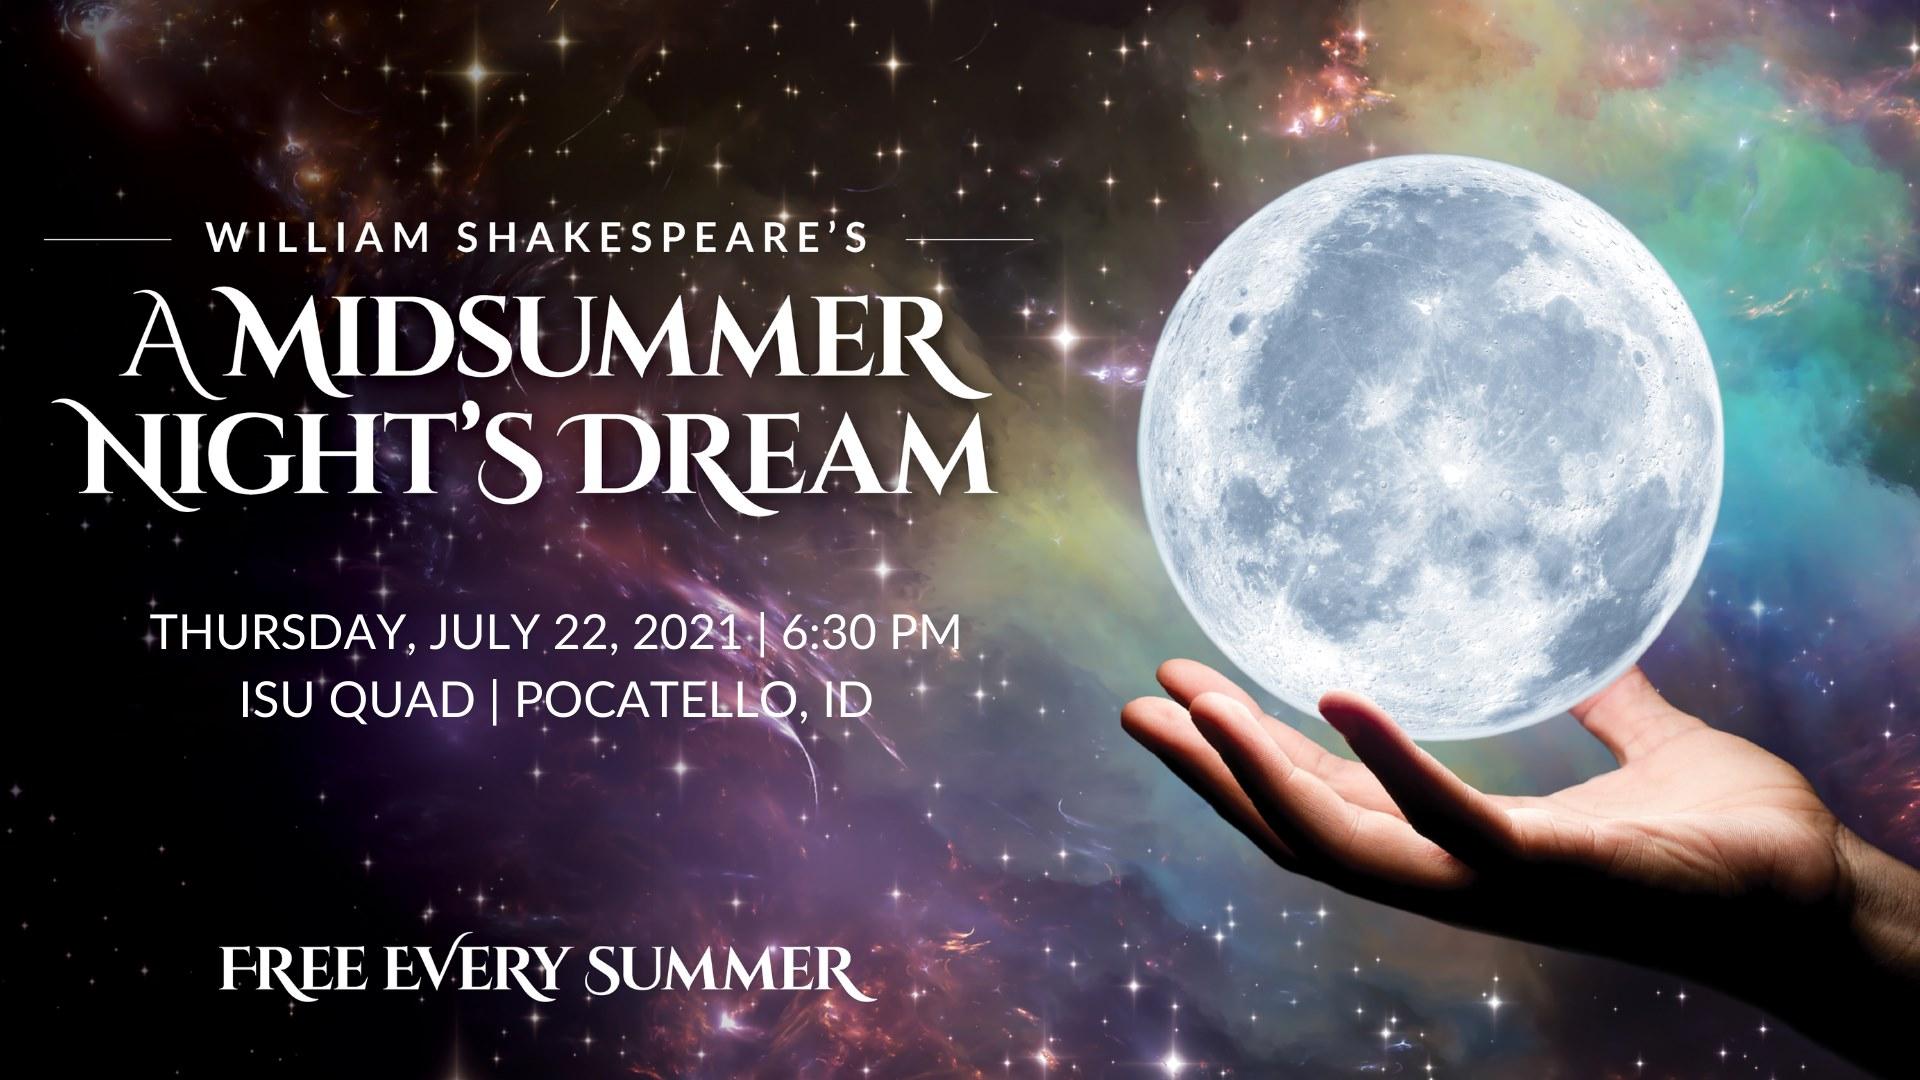 Midsummer Night's Dream in Pocatello, ID